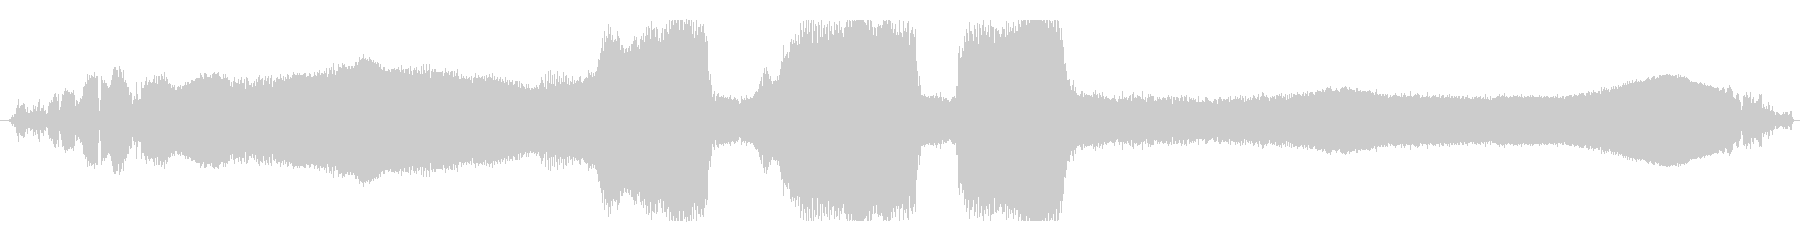 車 VW ポロ高速加速減速停止01の未再生の波形